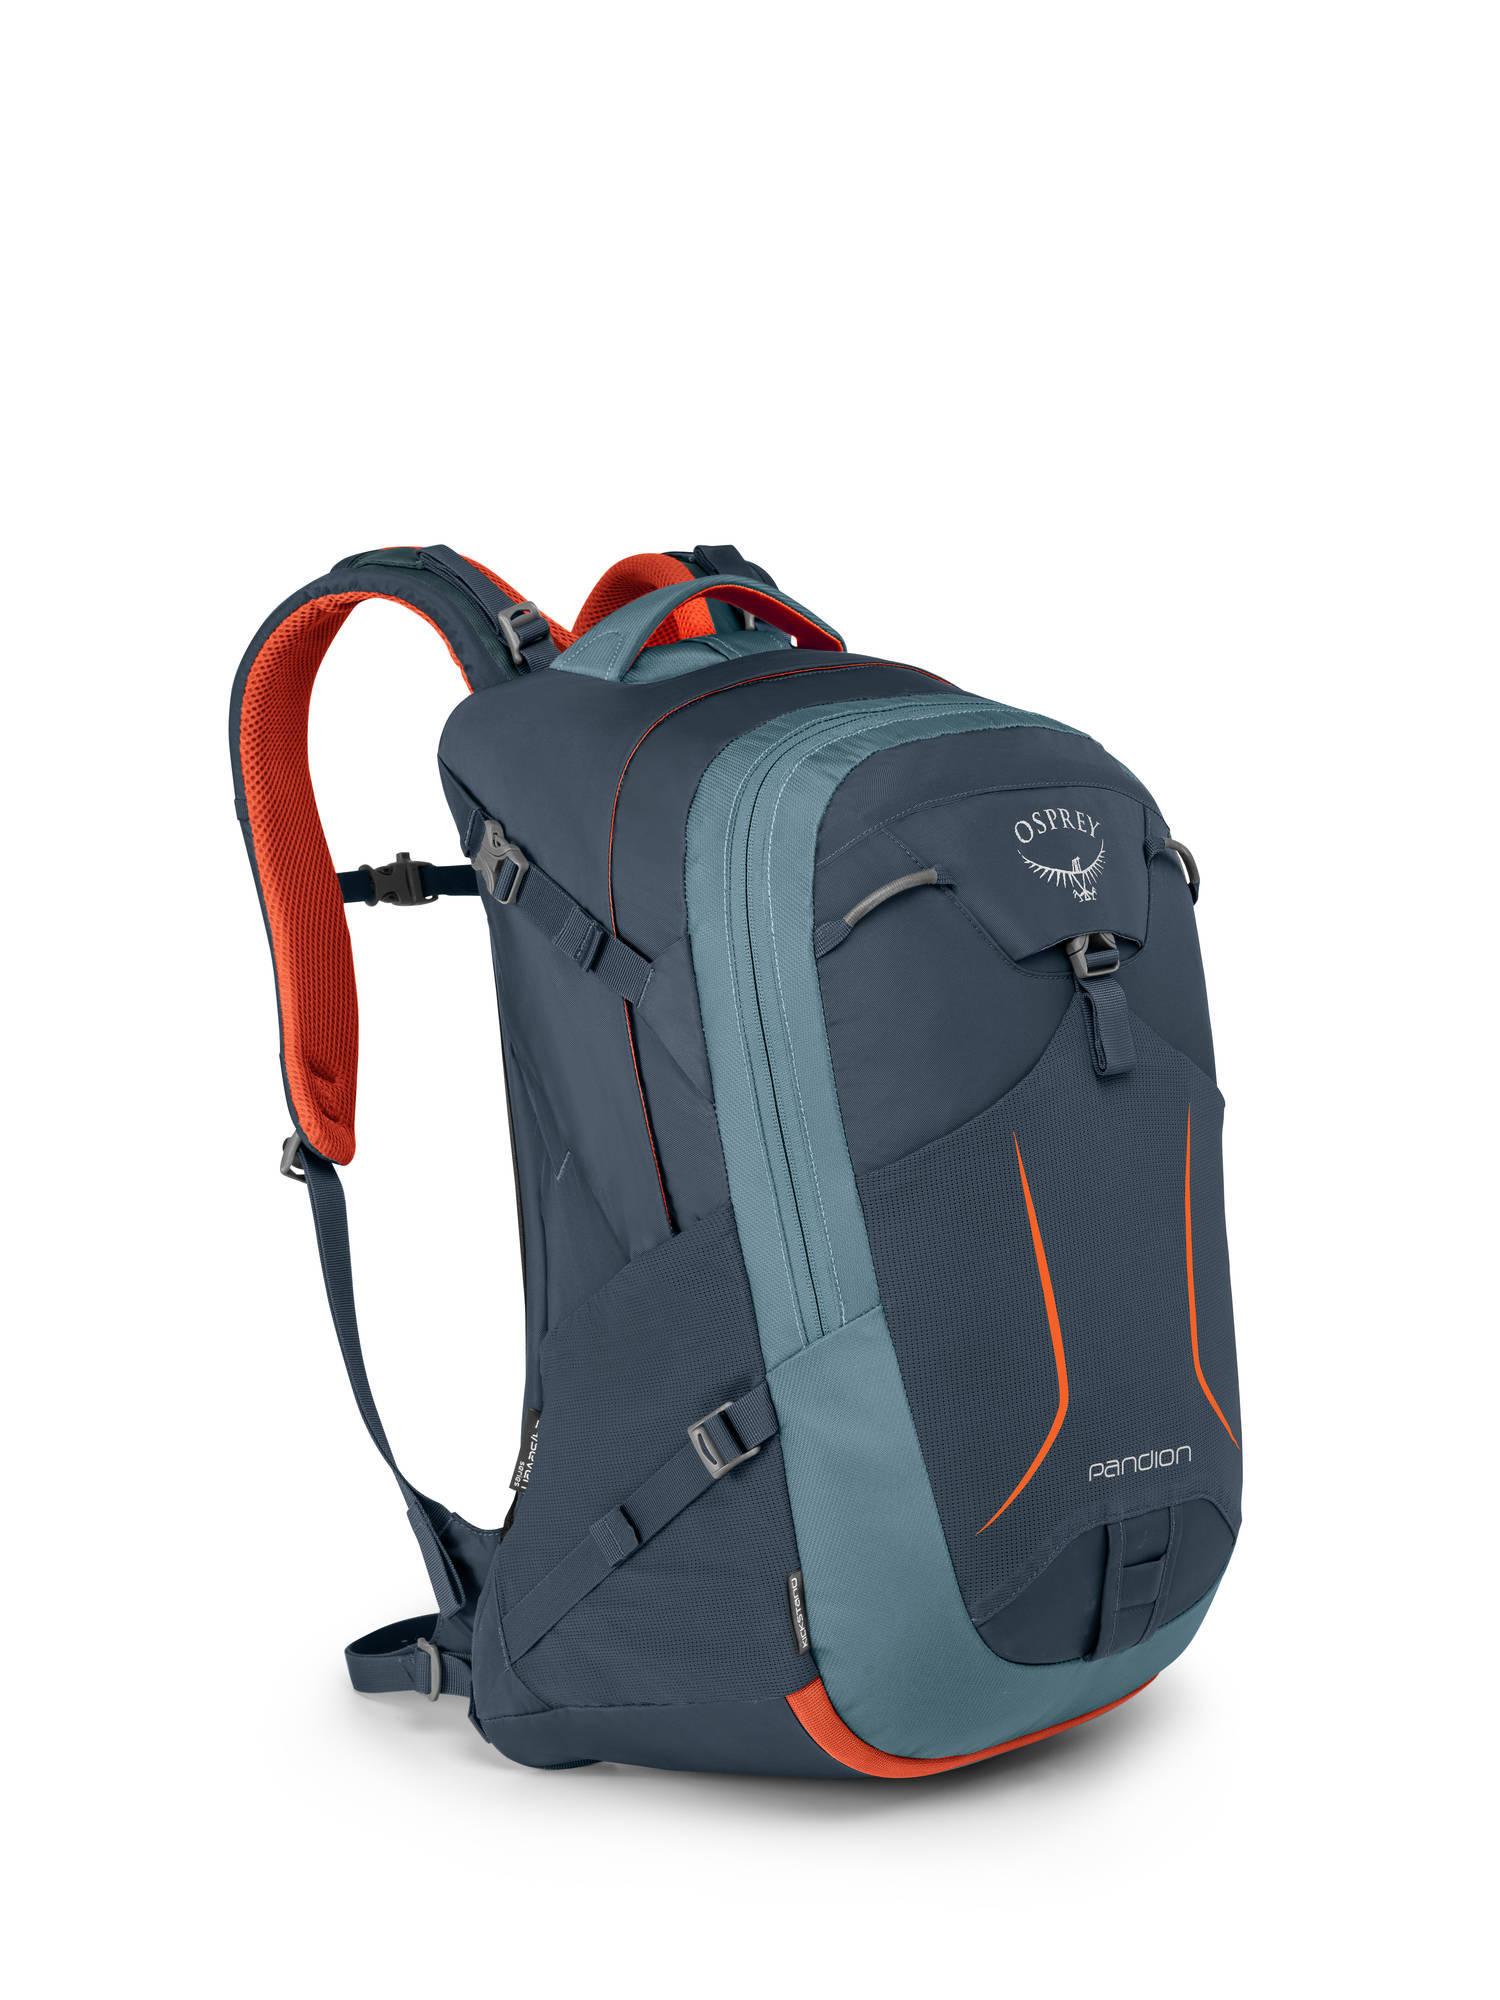 Городские рюкзаки Рюкзак городской Osprey Pandion 28 Amour Grey Pandion_F17_Side_Armor_Grey_web.jpg